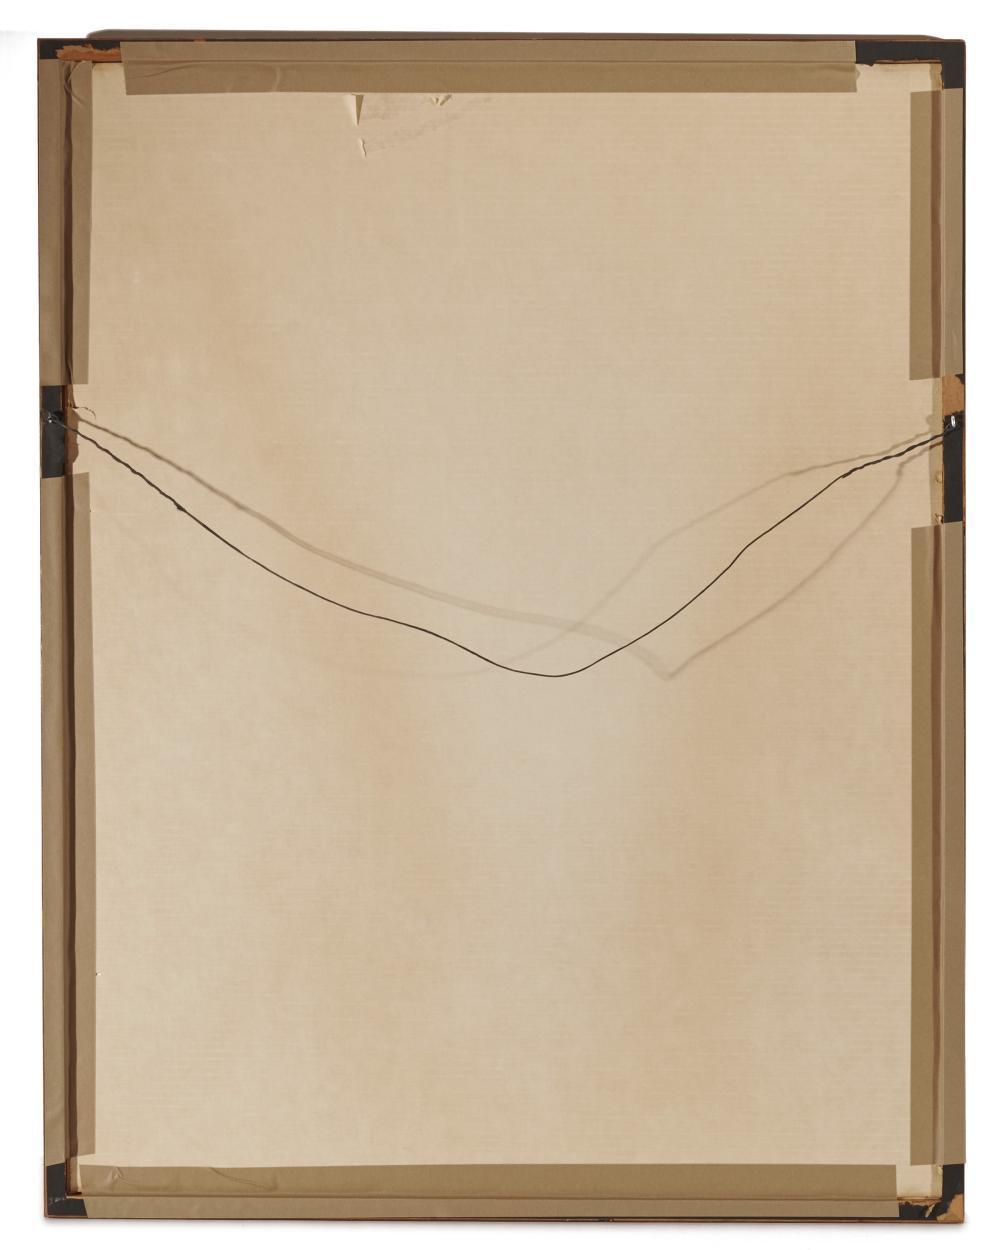 PAVEL TCHELITCHEW, (Russian, 1898-1957), Portrait of Jane Heap, watercolor, sheet: 22 x 17 1/2 in., frame: 37 1/2 x 19 1/2 in.